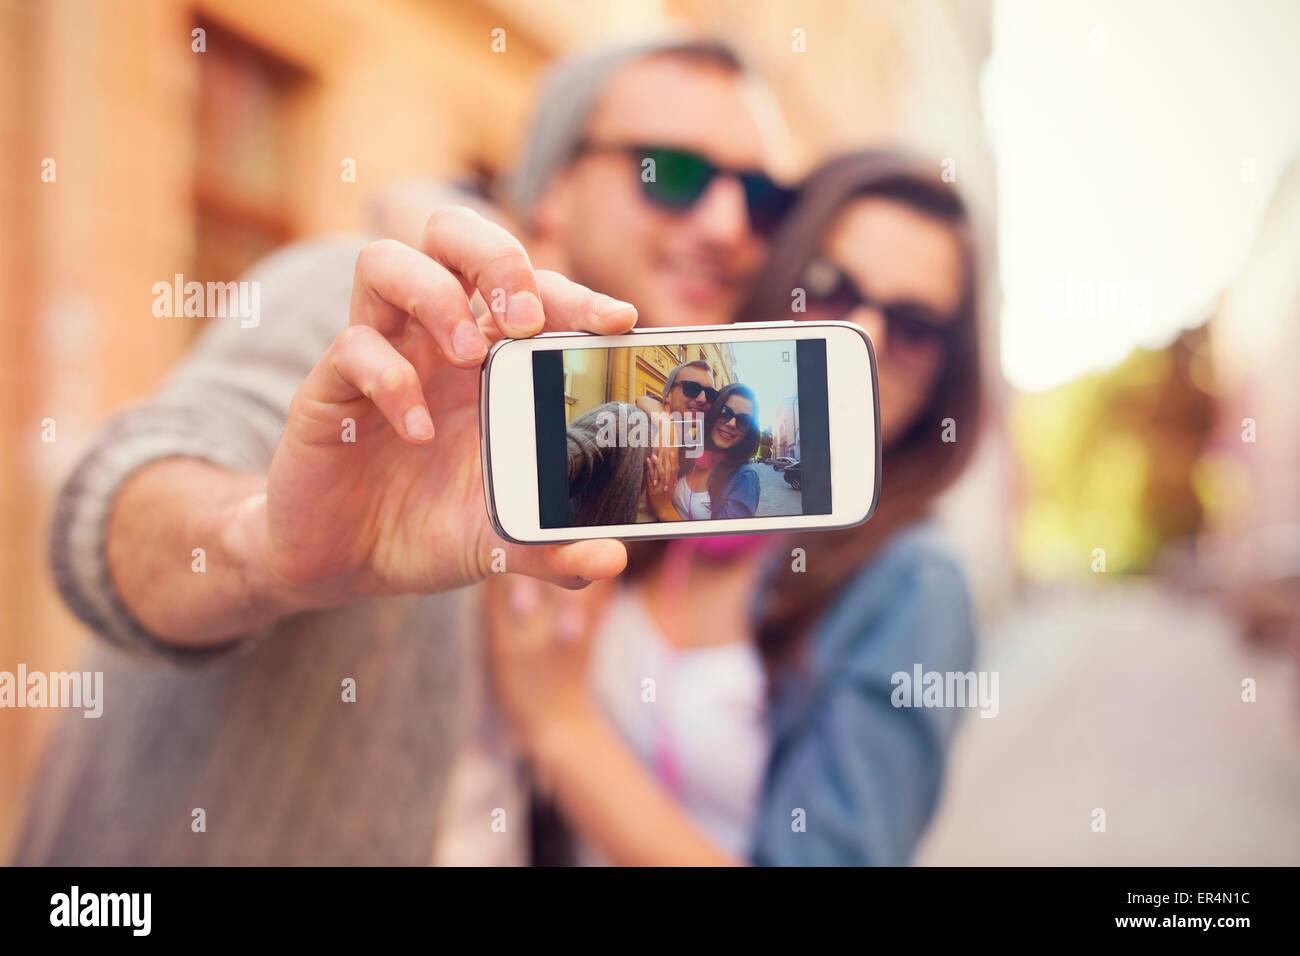 Coppia giovane tenendo selfie nella città. Cracovia in Polonia Immagini Stock